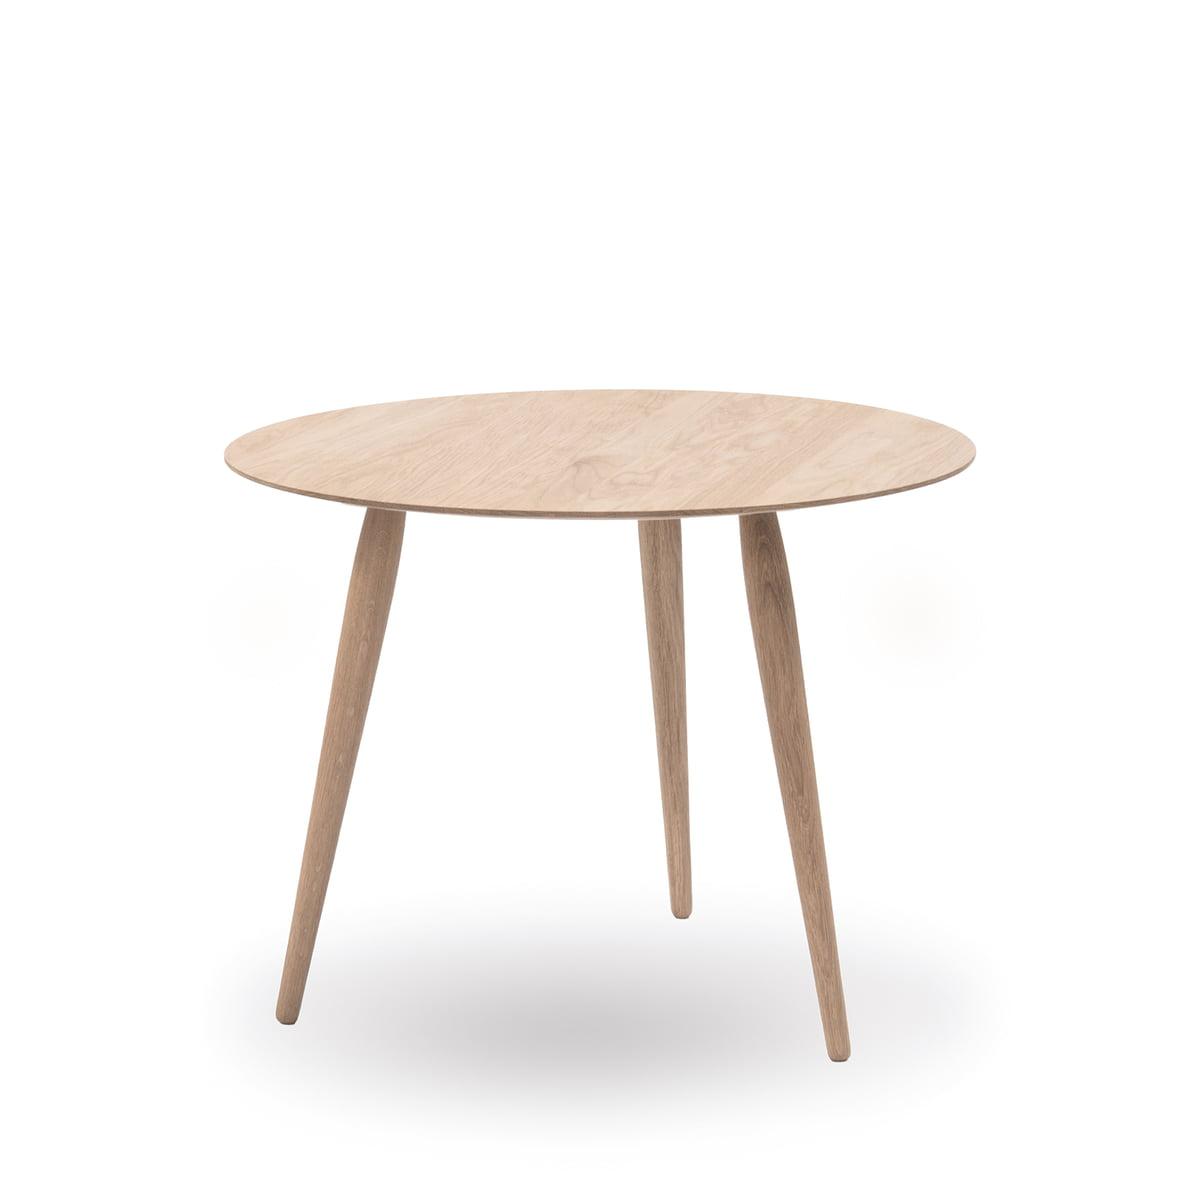 Playround wooden table by bruunmunch